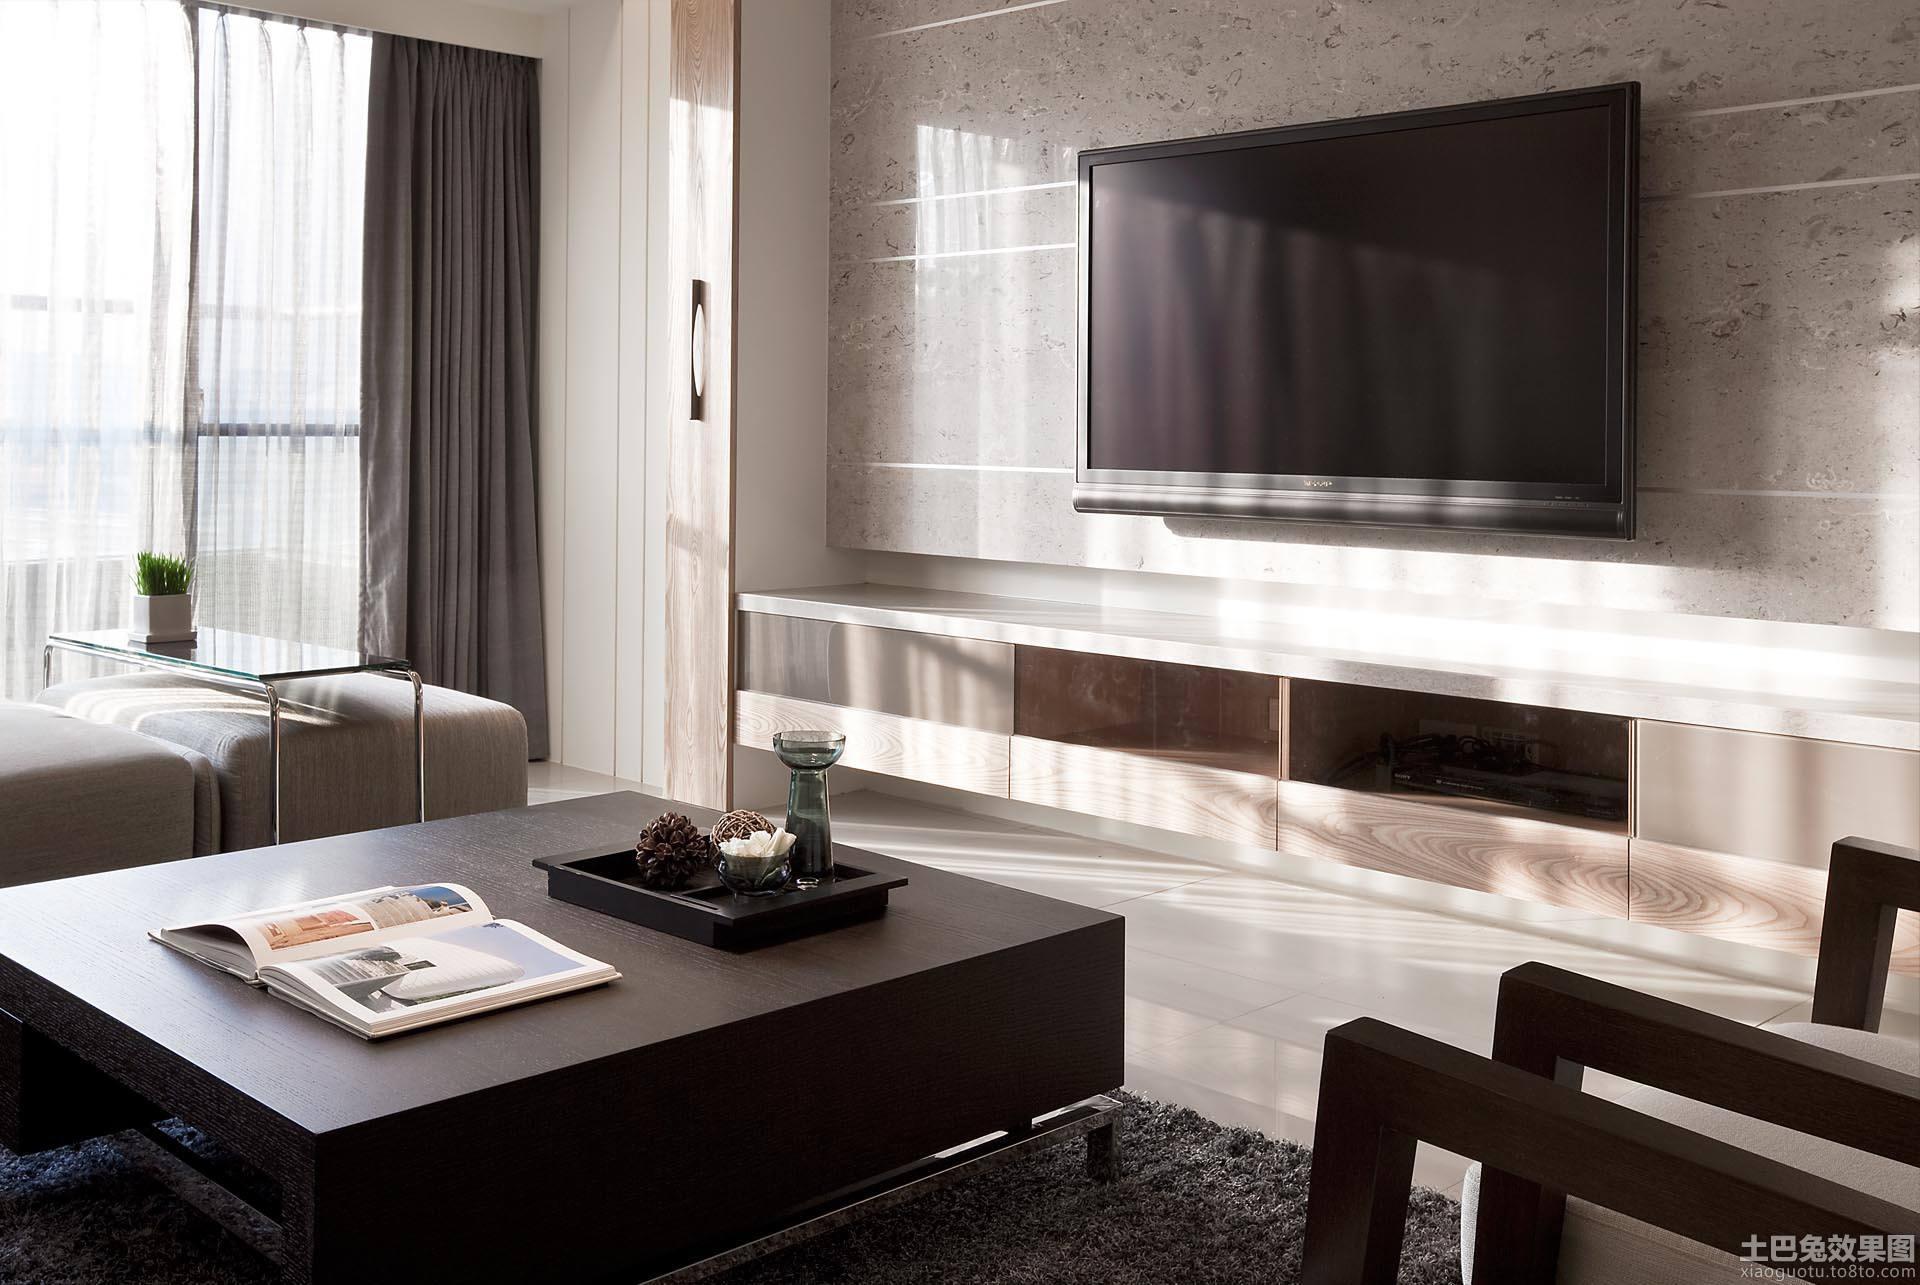 客厅微晶石电视背景墙效果图大全装修效果图